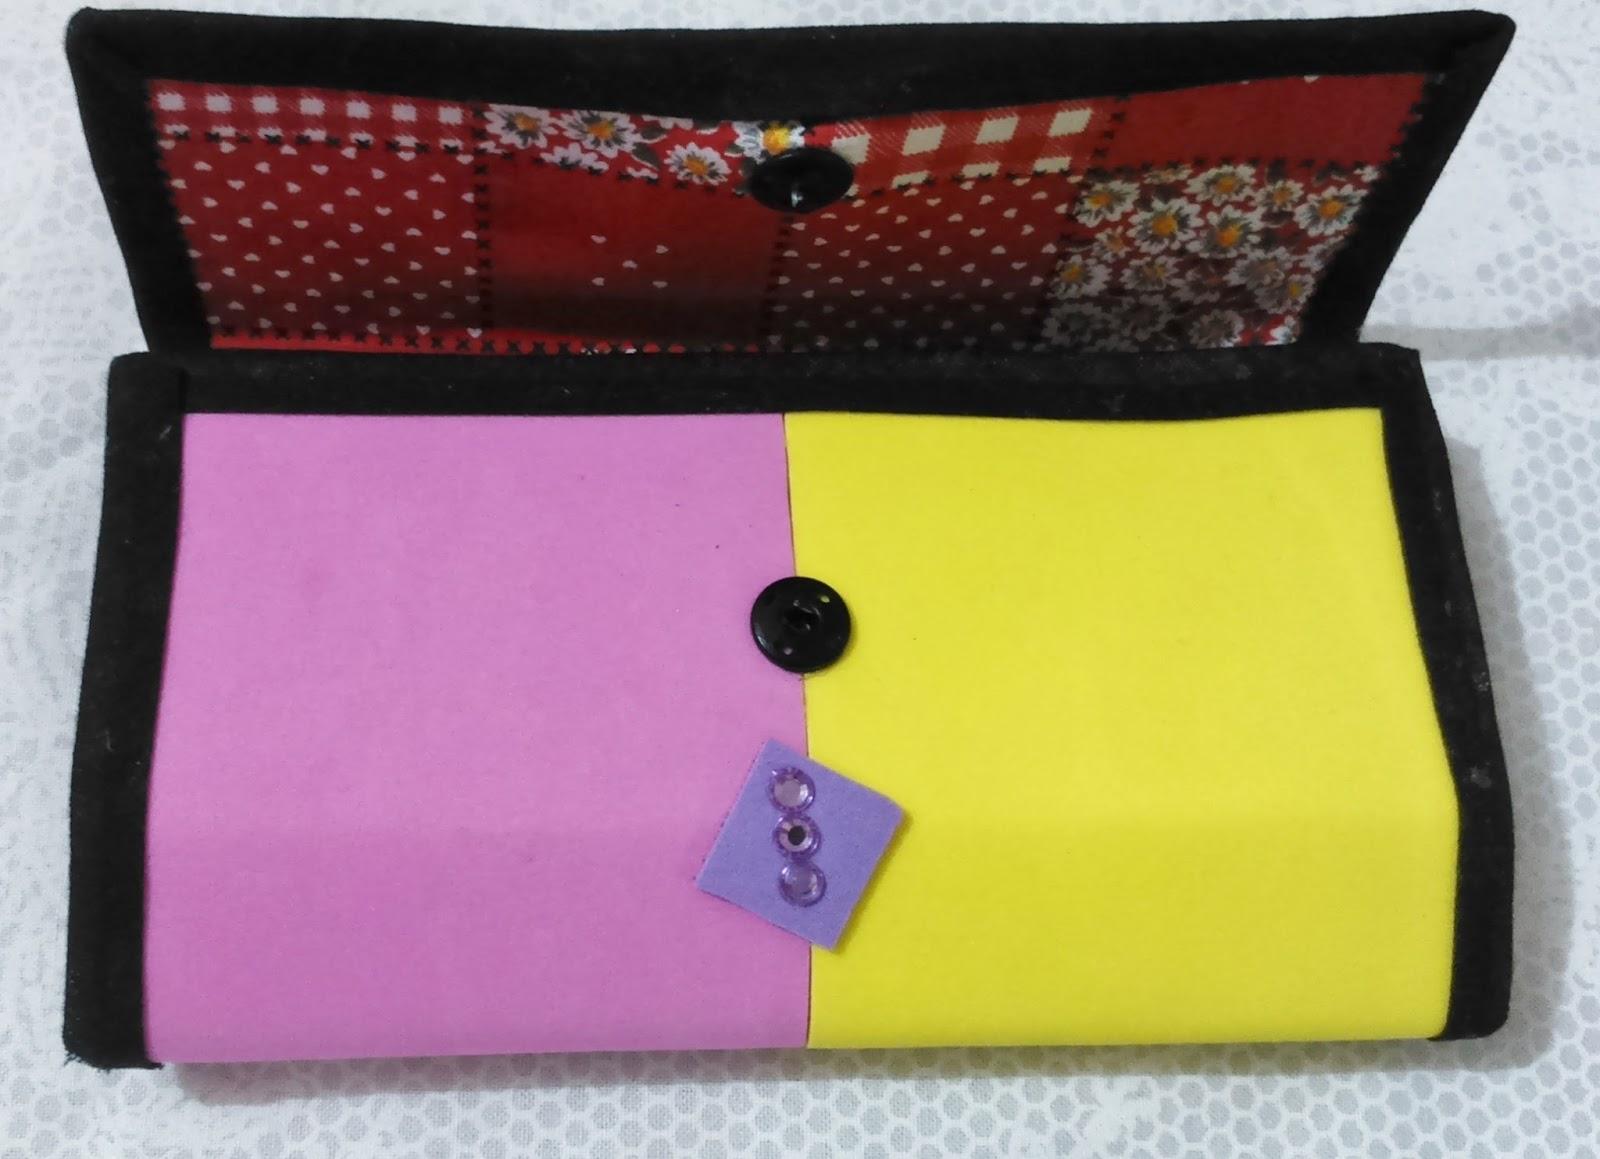 Bolsa e carteira feita de caixa de leite : Bolsa carteira feita de caixa leite